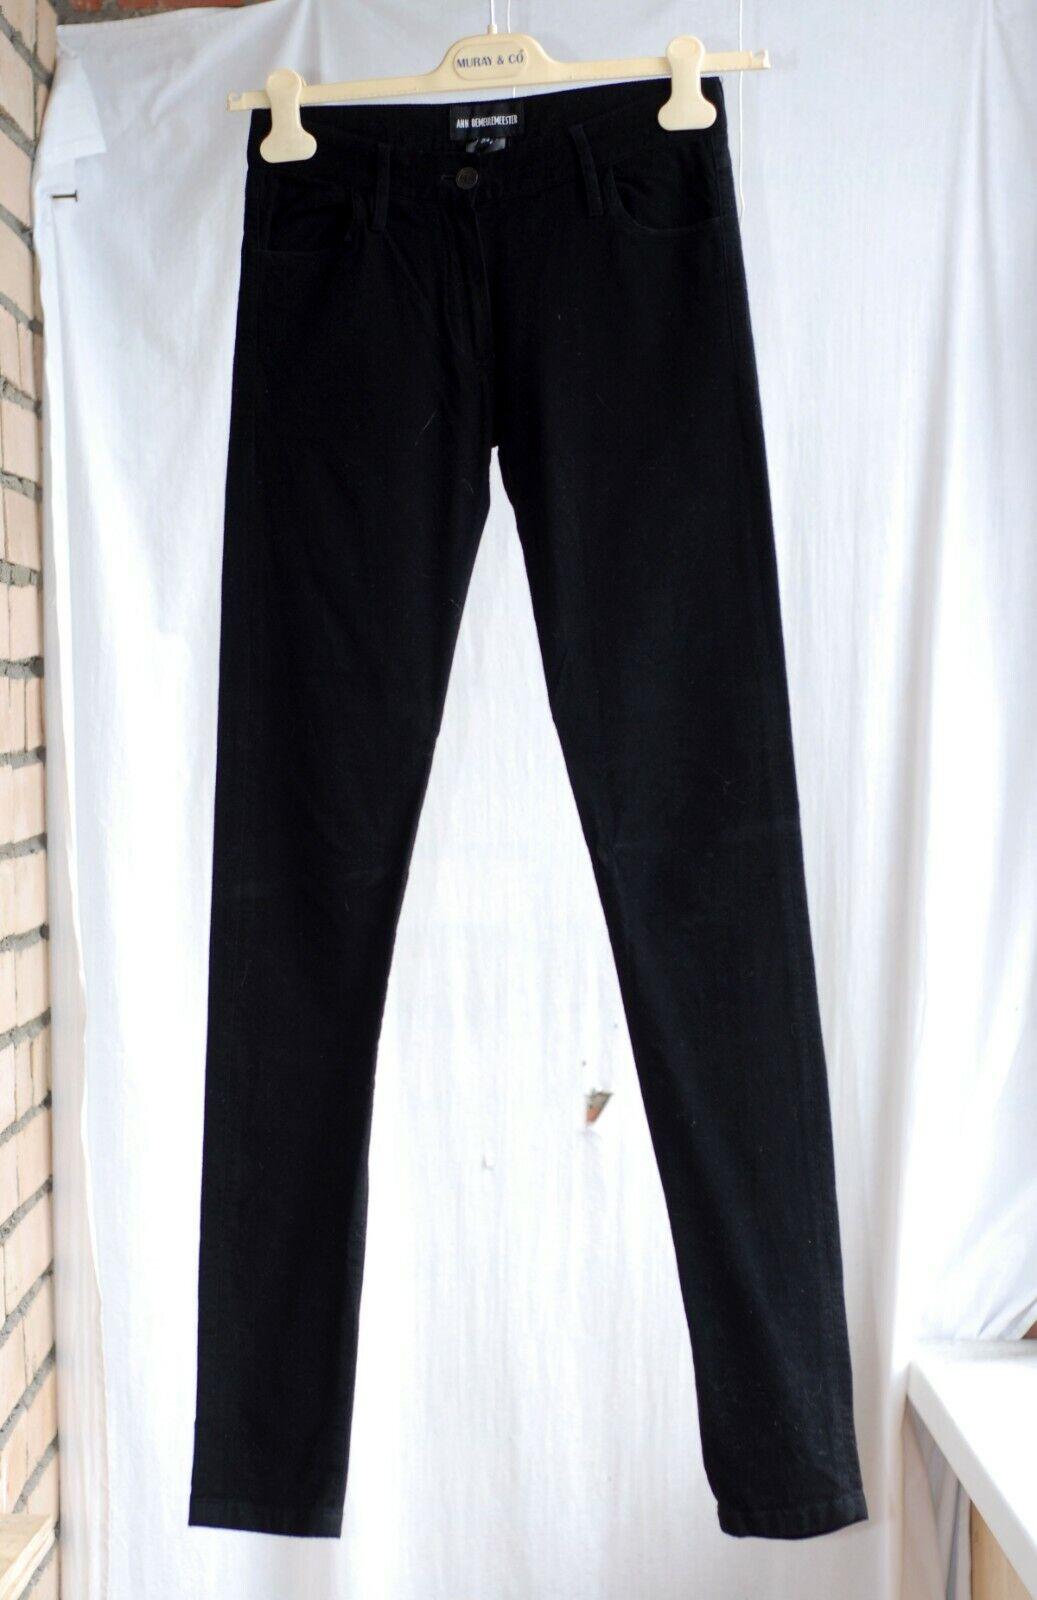 600   ANN DEMEULEMEESTER NOIR Slim Skinny Pantalon Jeans 34 XS 25-26